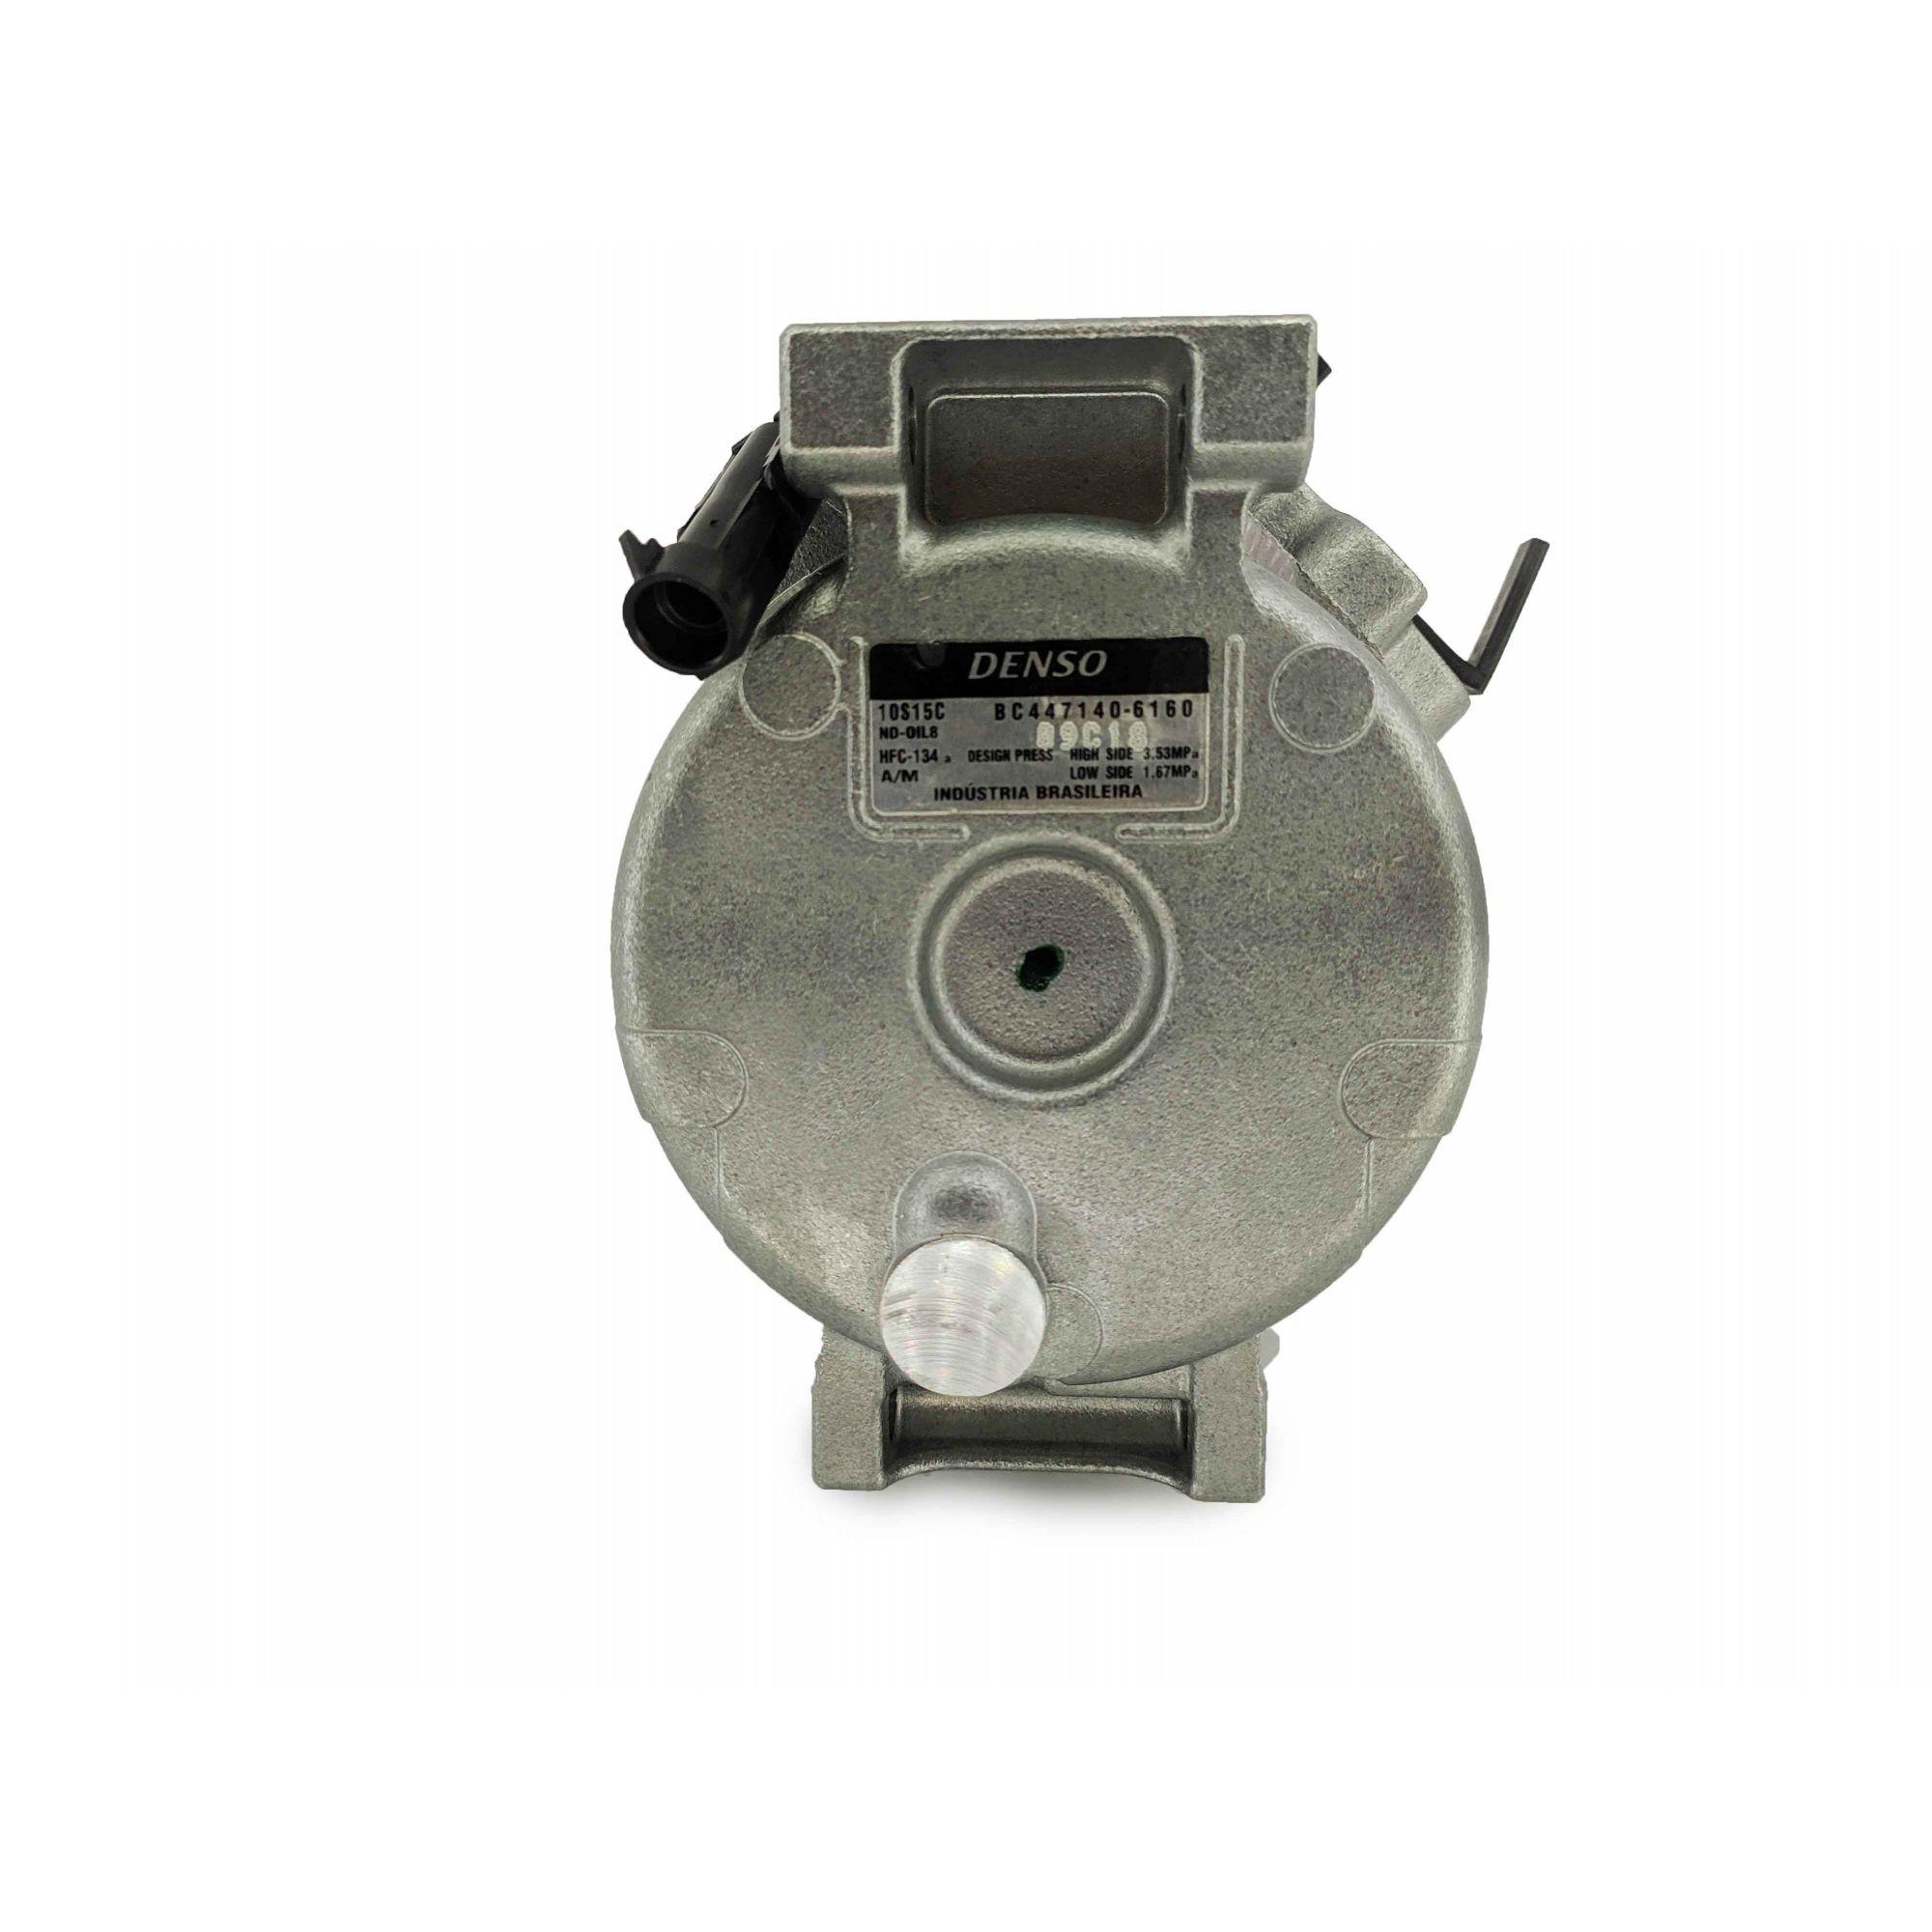 Compressor Hilux 2006 em diante - Original DENSO